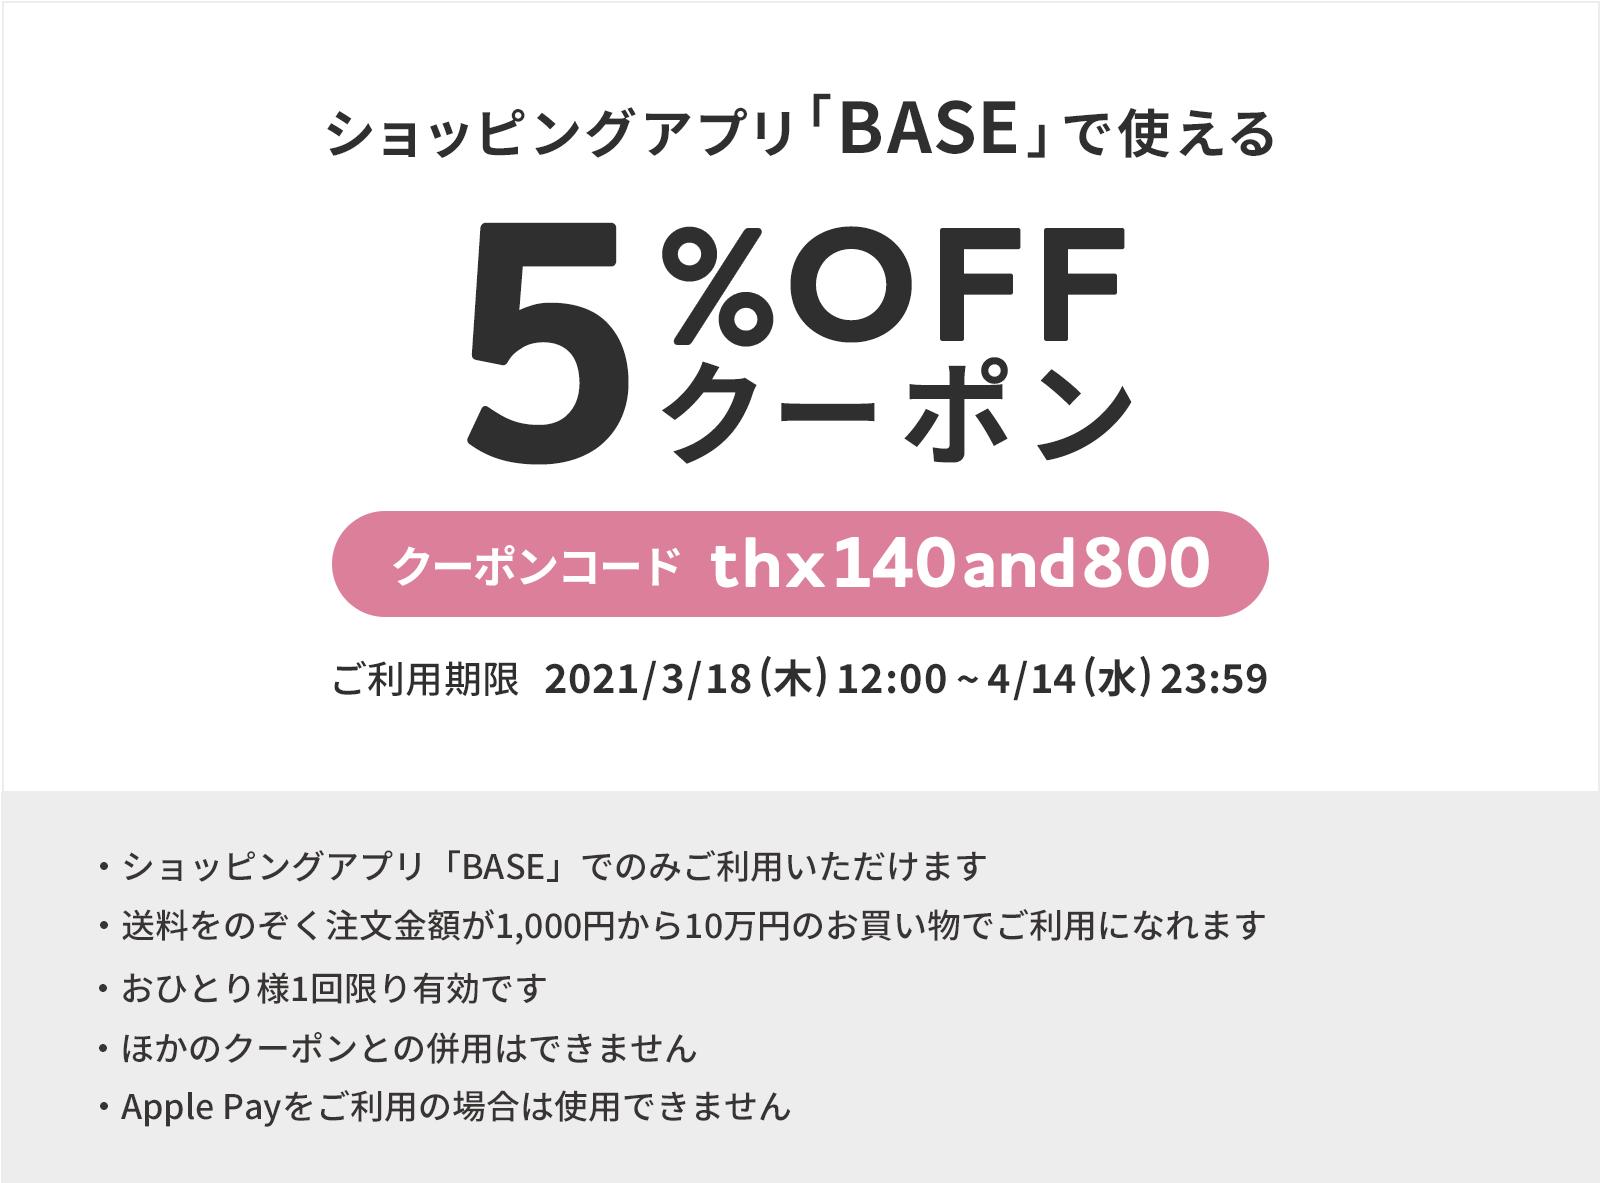 【終了】5%OFFクーポン配布中 ◇ 4月14日(水)まで!